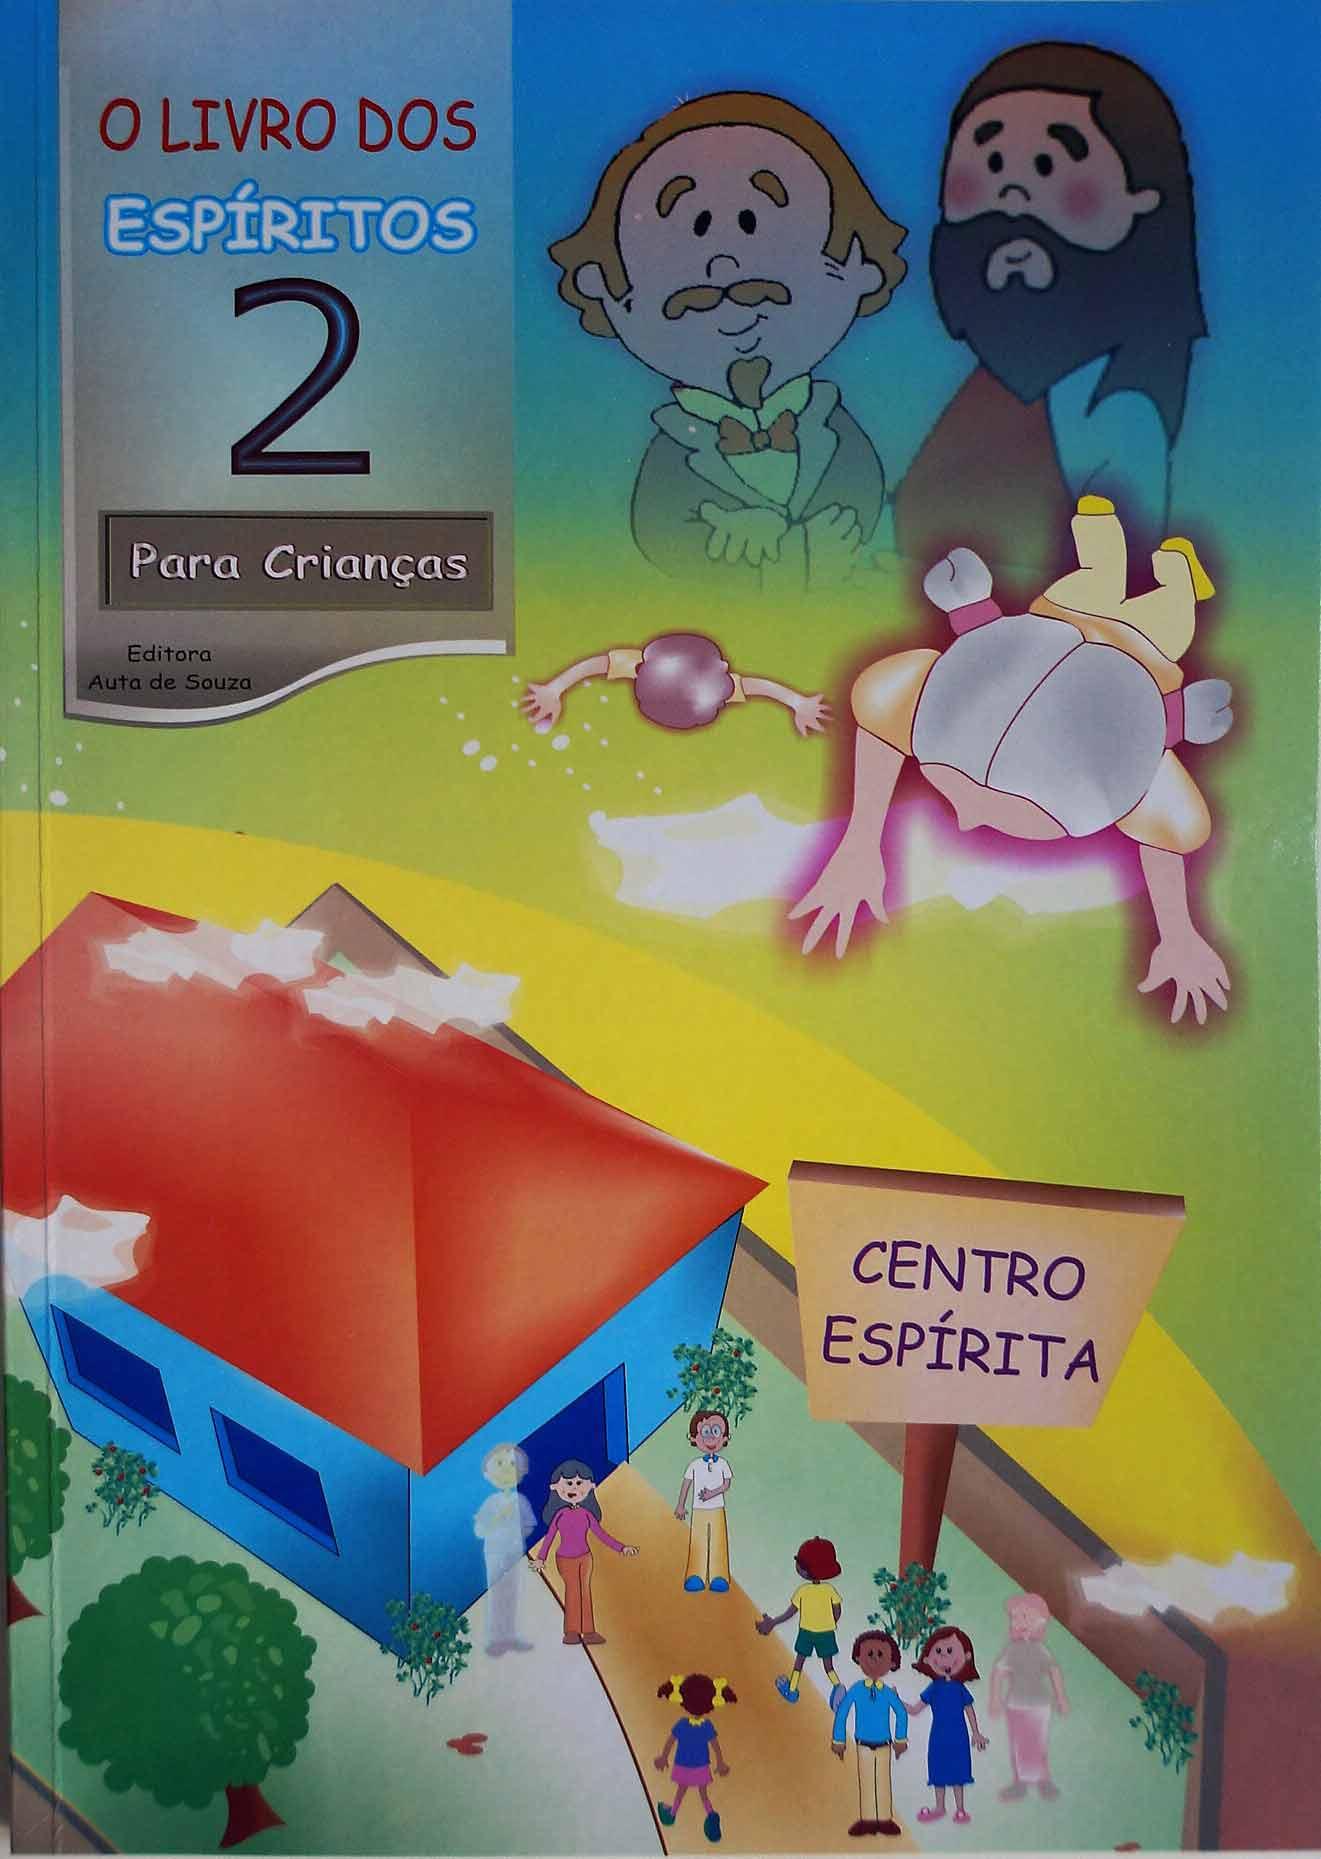 LIVRO DOS ESPÍRITOS 2 - PARA CRIANÇAS